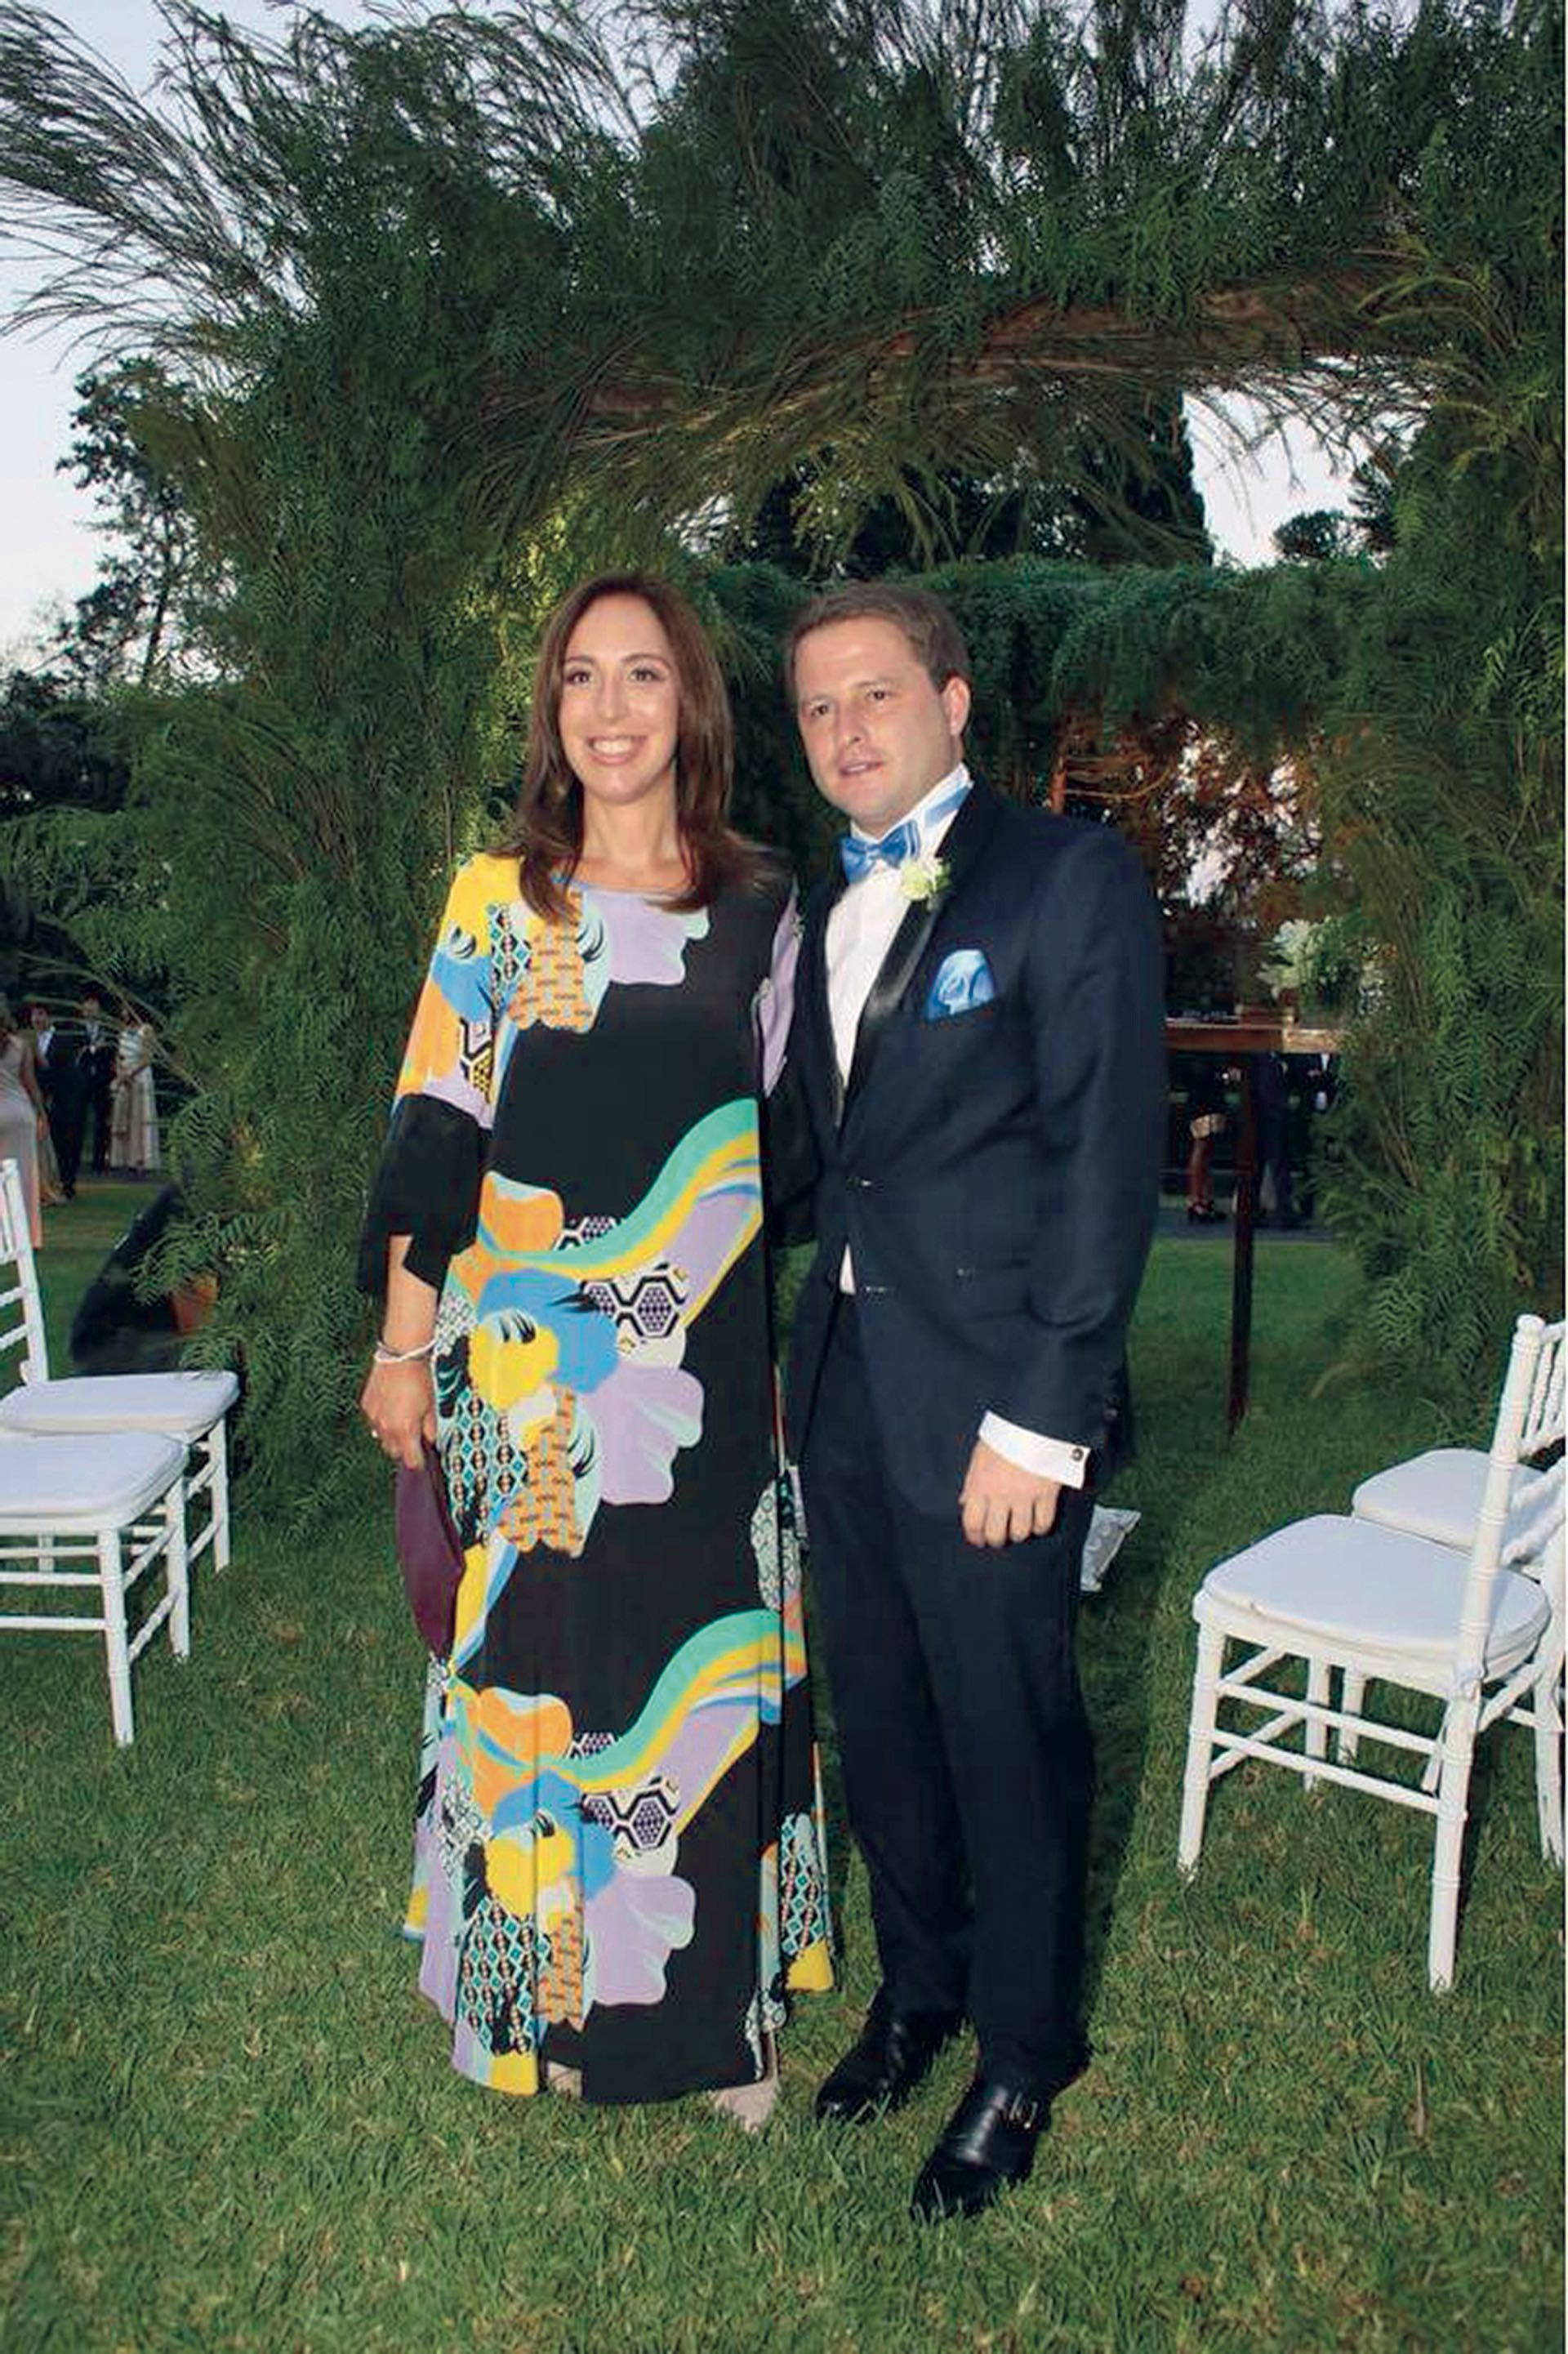 La gobernadora María Eugenia Vidal junto al novio. (Foto Marcelo Espinosa/GENTE)